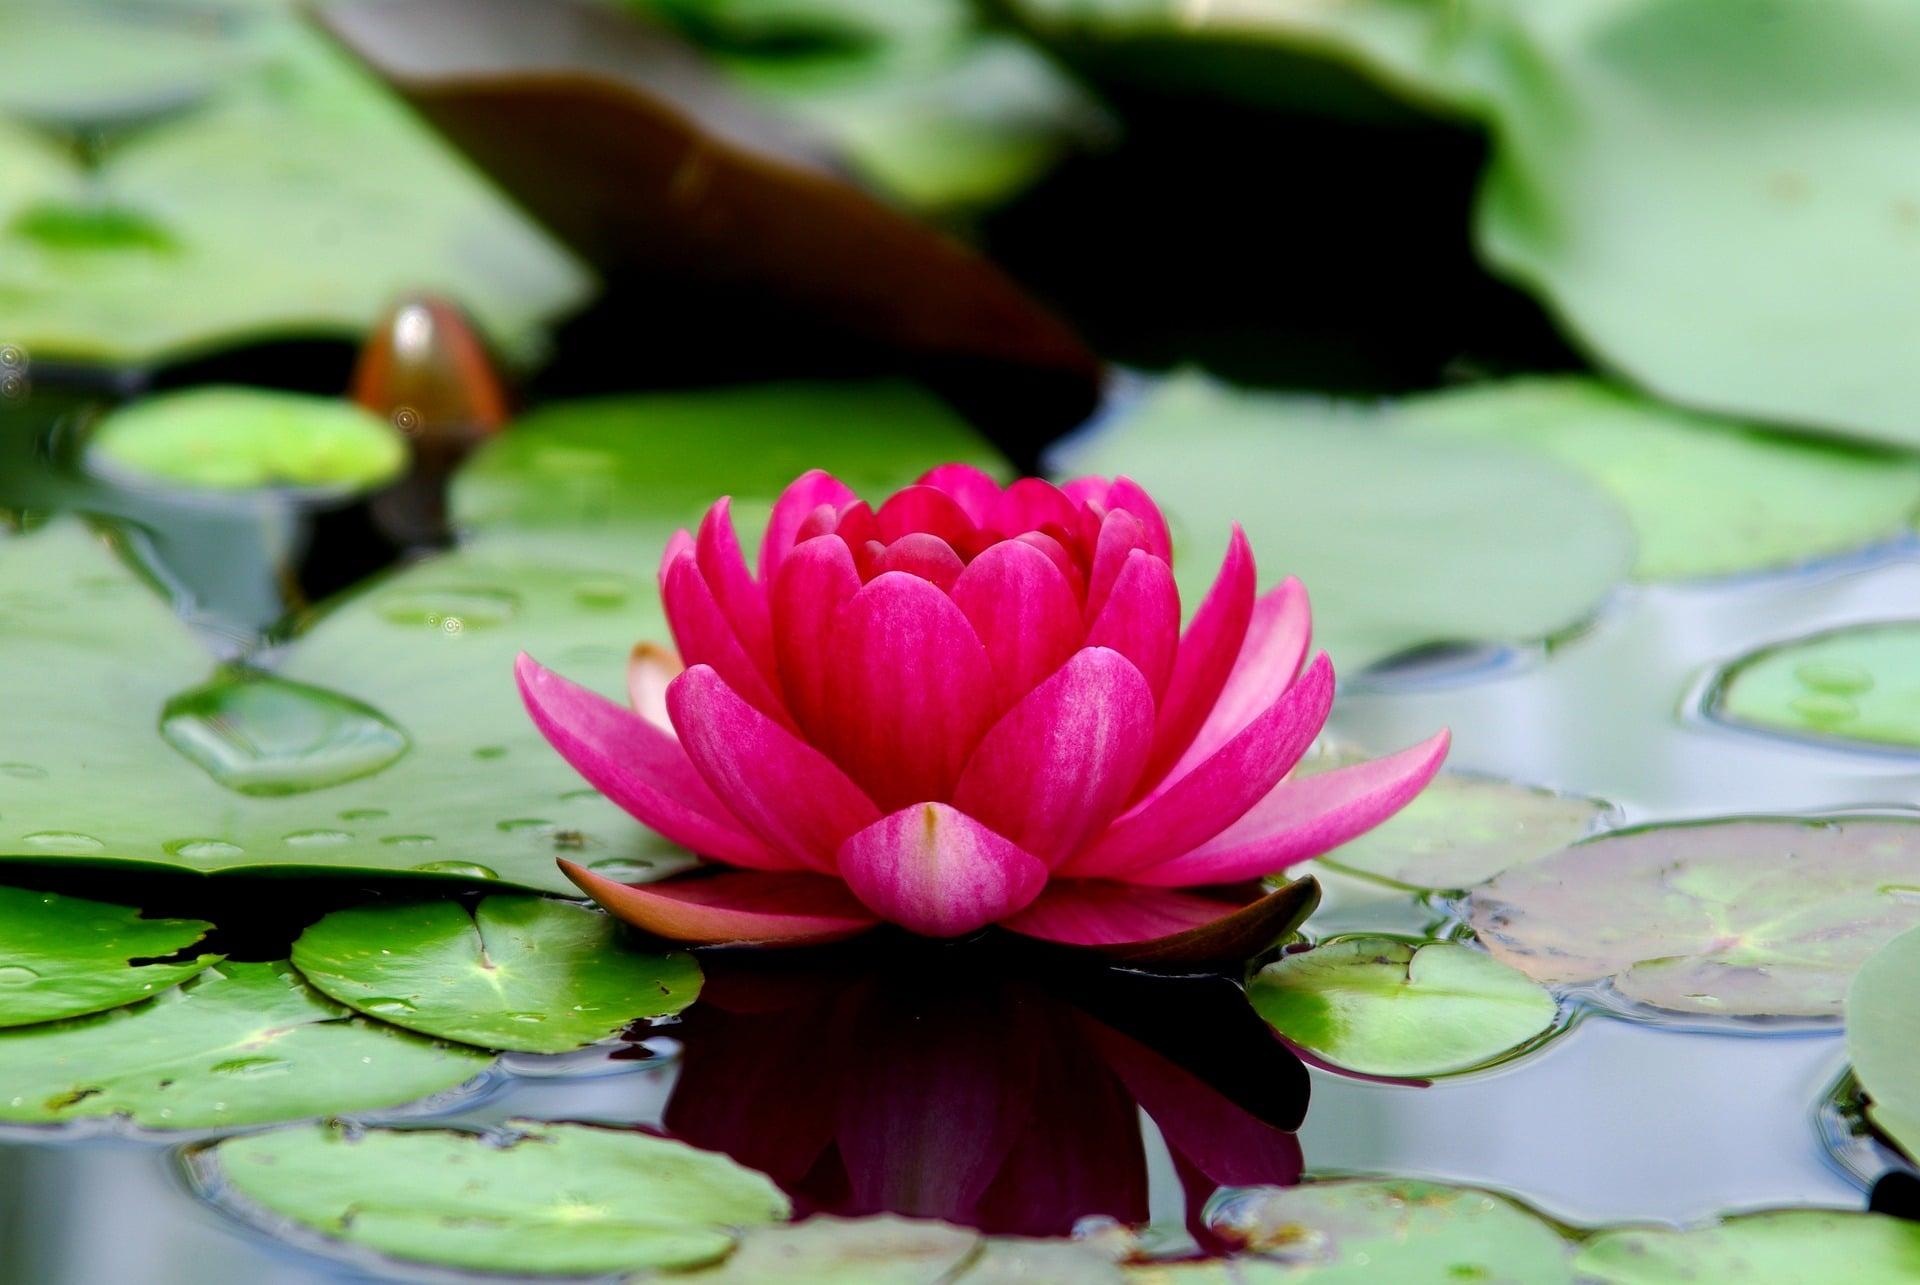 Flor De Lotus Conheca Sua Simbologia E Curiosidades